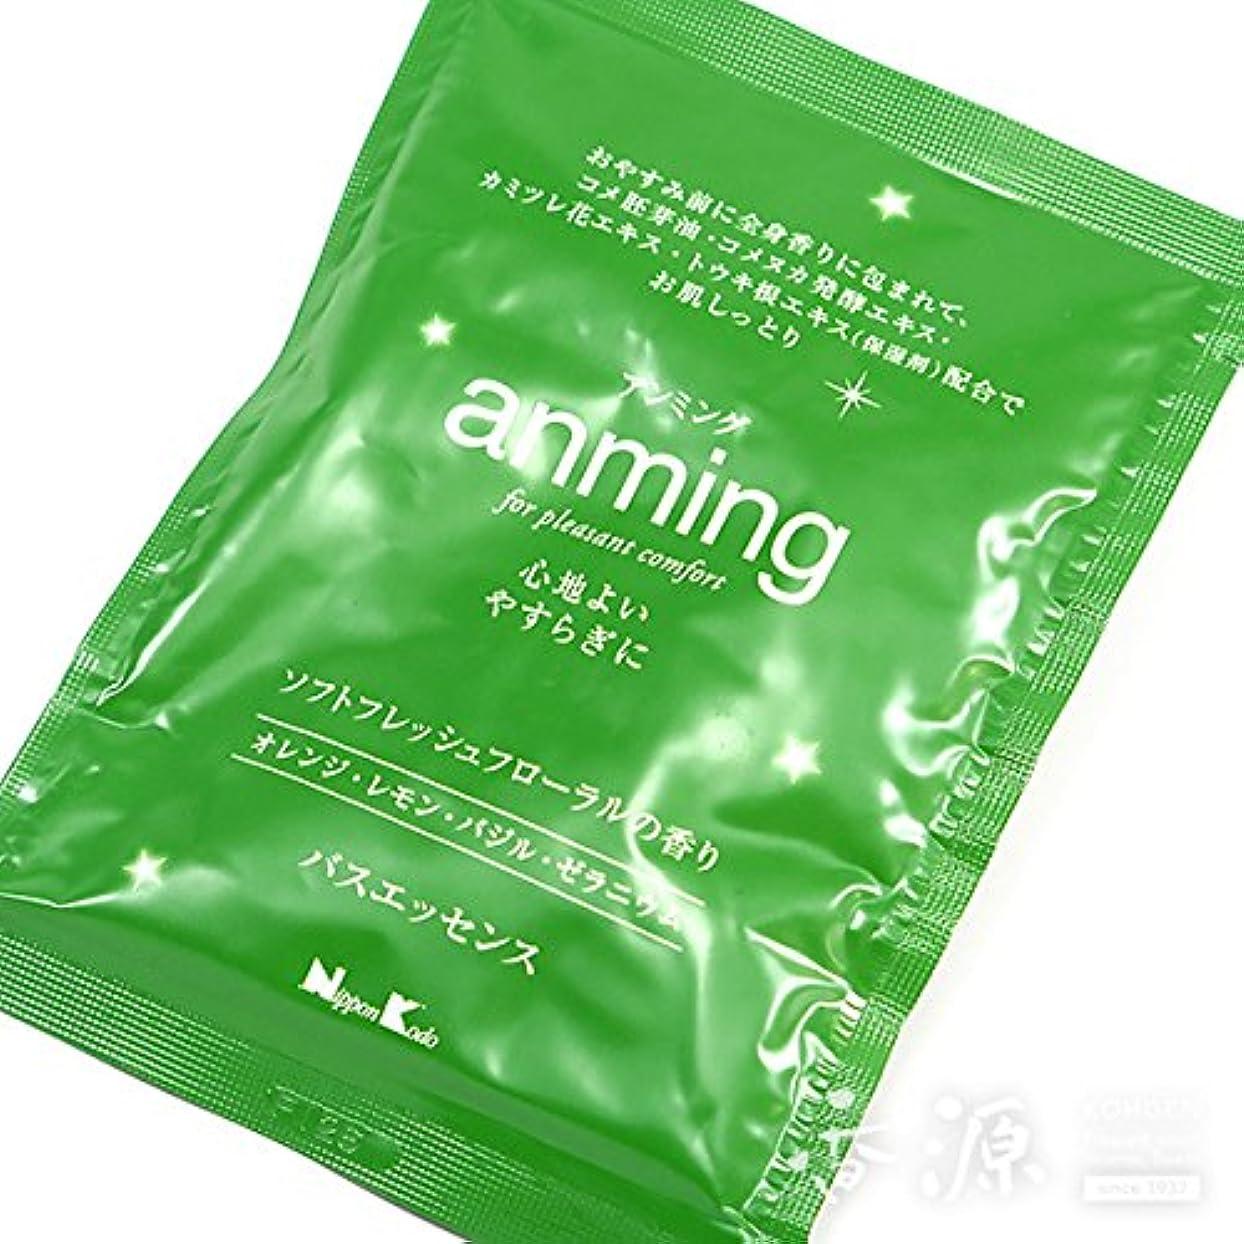 パワー乳剤チェスをする日本香堂の入浴剤 アンミング(anming)バスエッセンス ミニタイプ